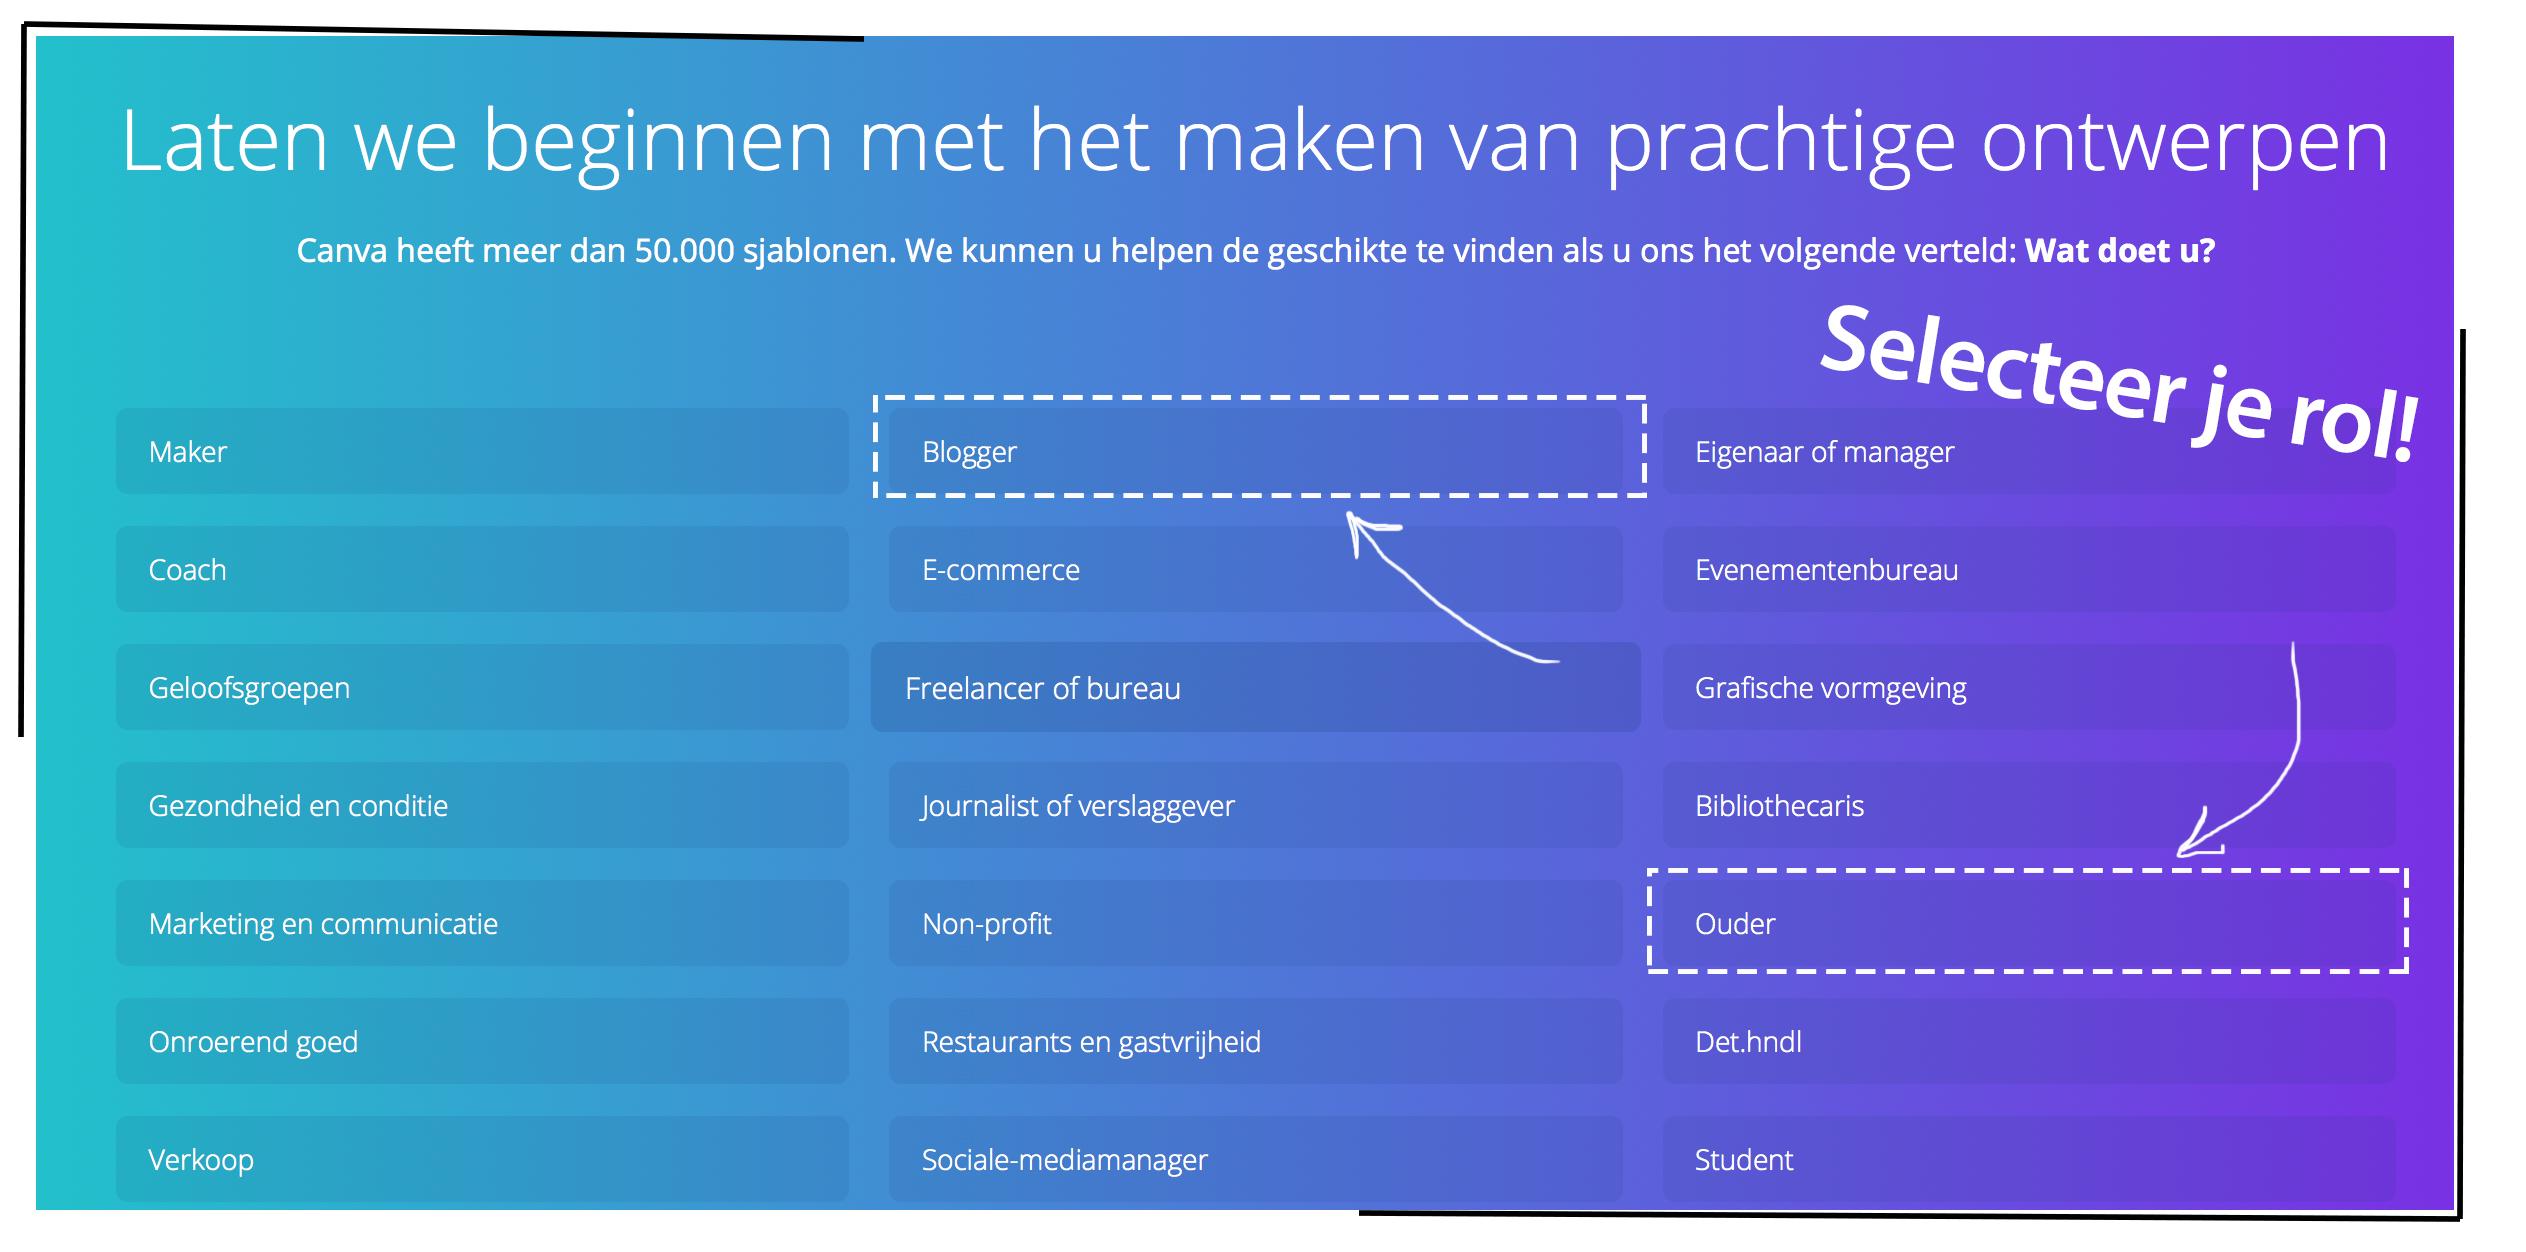 Magnifiek Gratis en makkelijk uitnodigingen maken met Canva | moneymom.nl &LS29